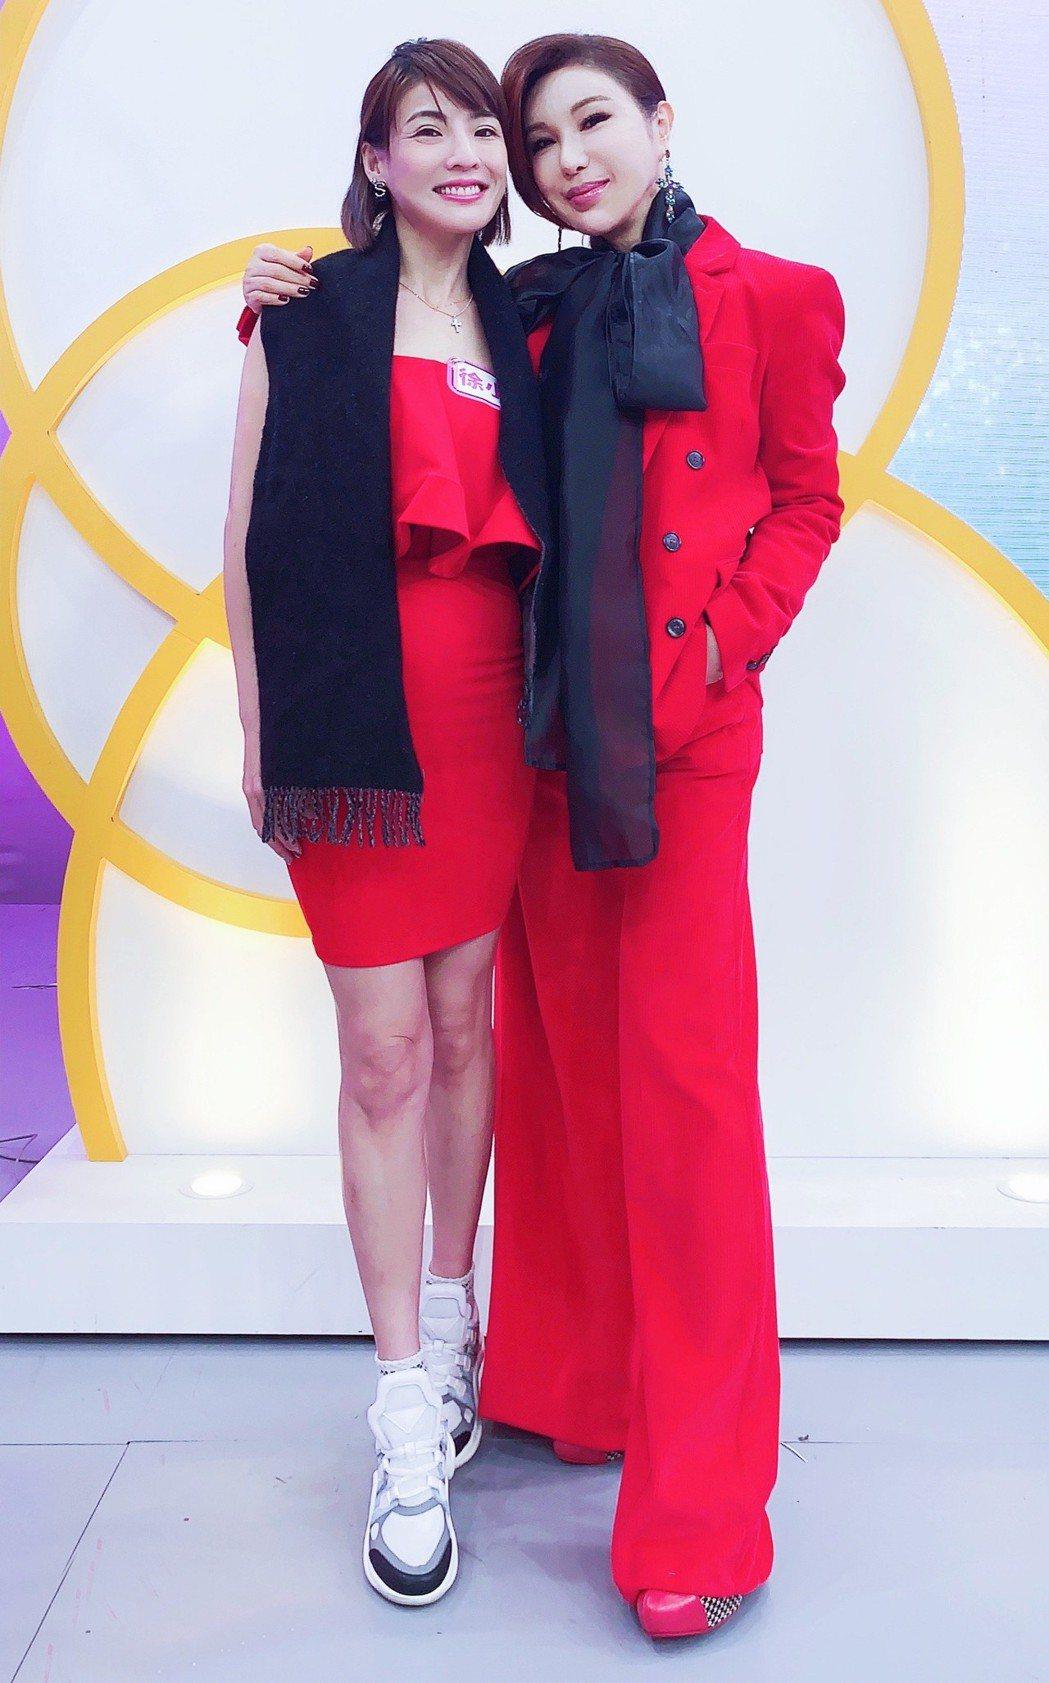 利菁和徐小可合體錄影,兩人一身大紅,過去誤會冰釋了。圖/東風提供